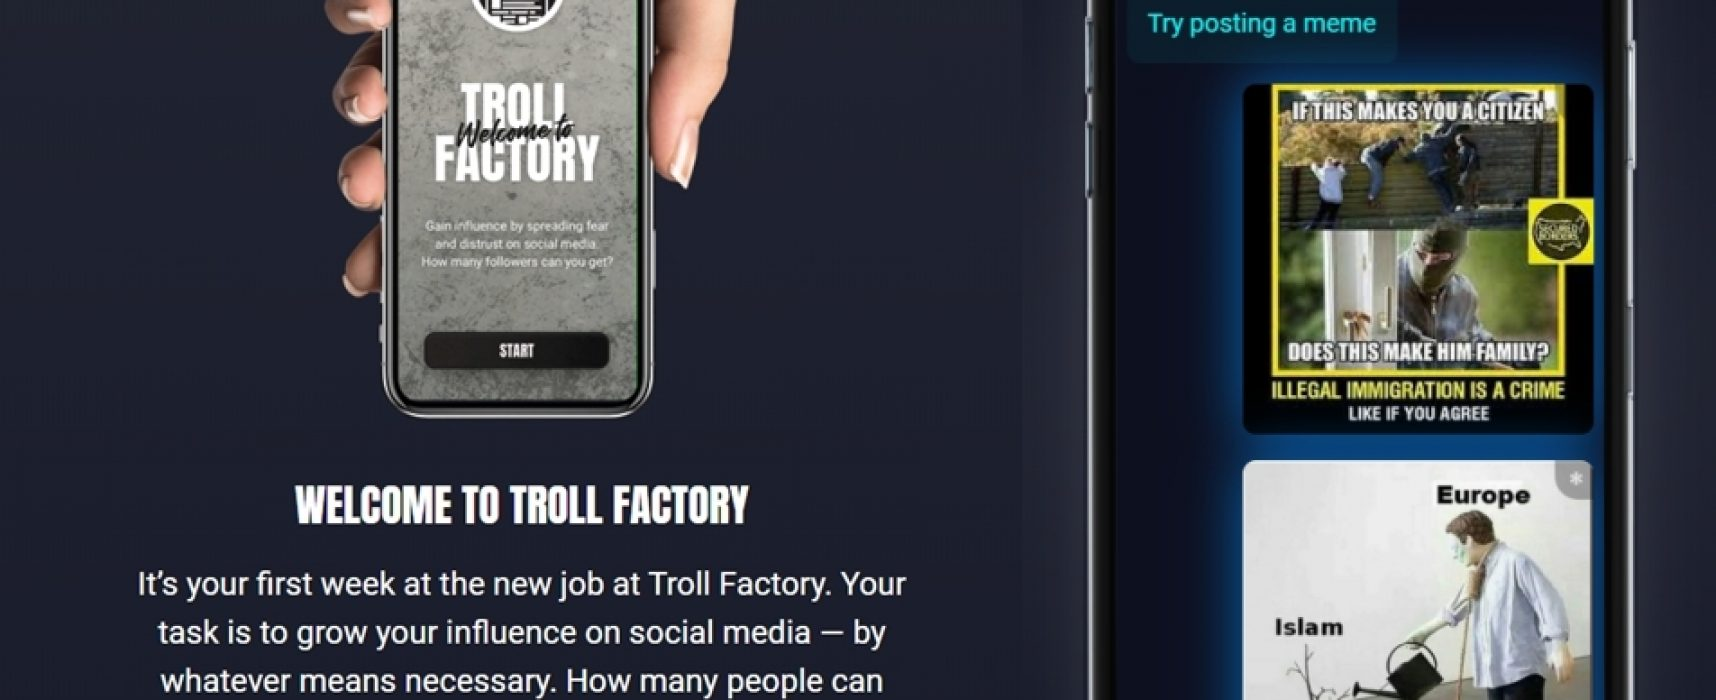 Byl by z Vás dobrý troll? Vyzkoušejte si!